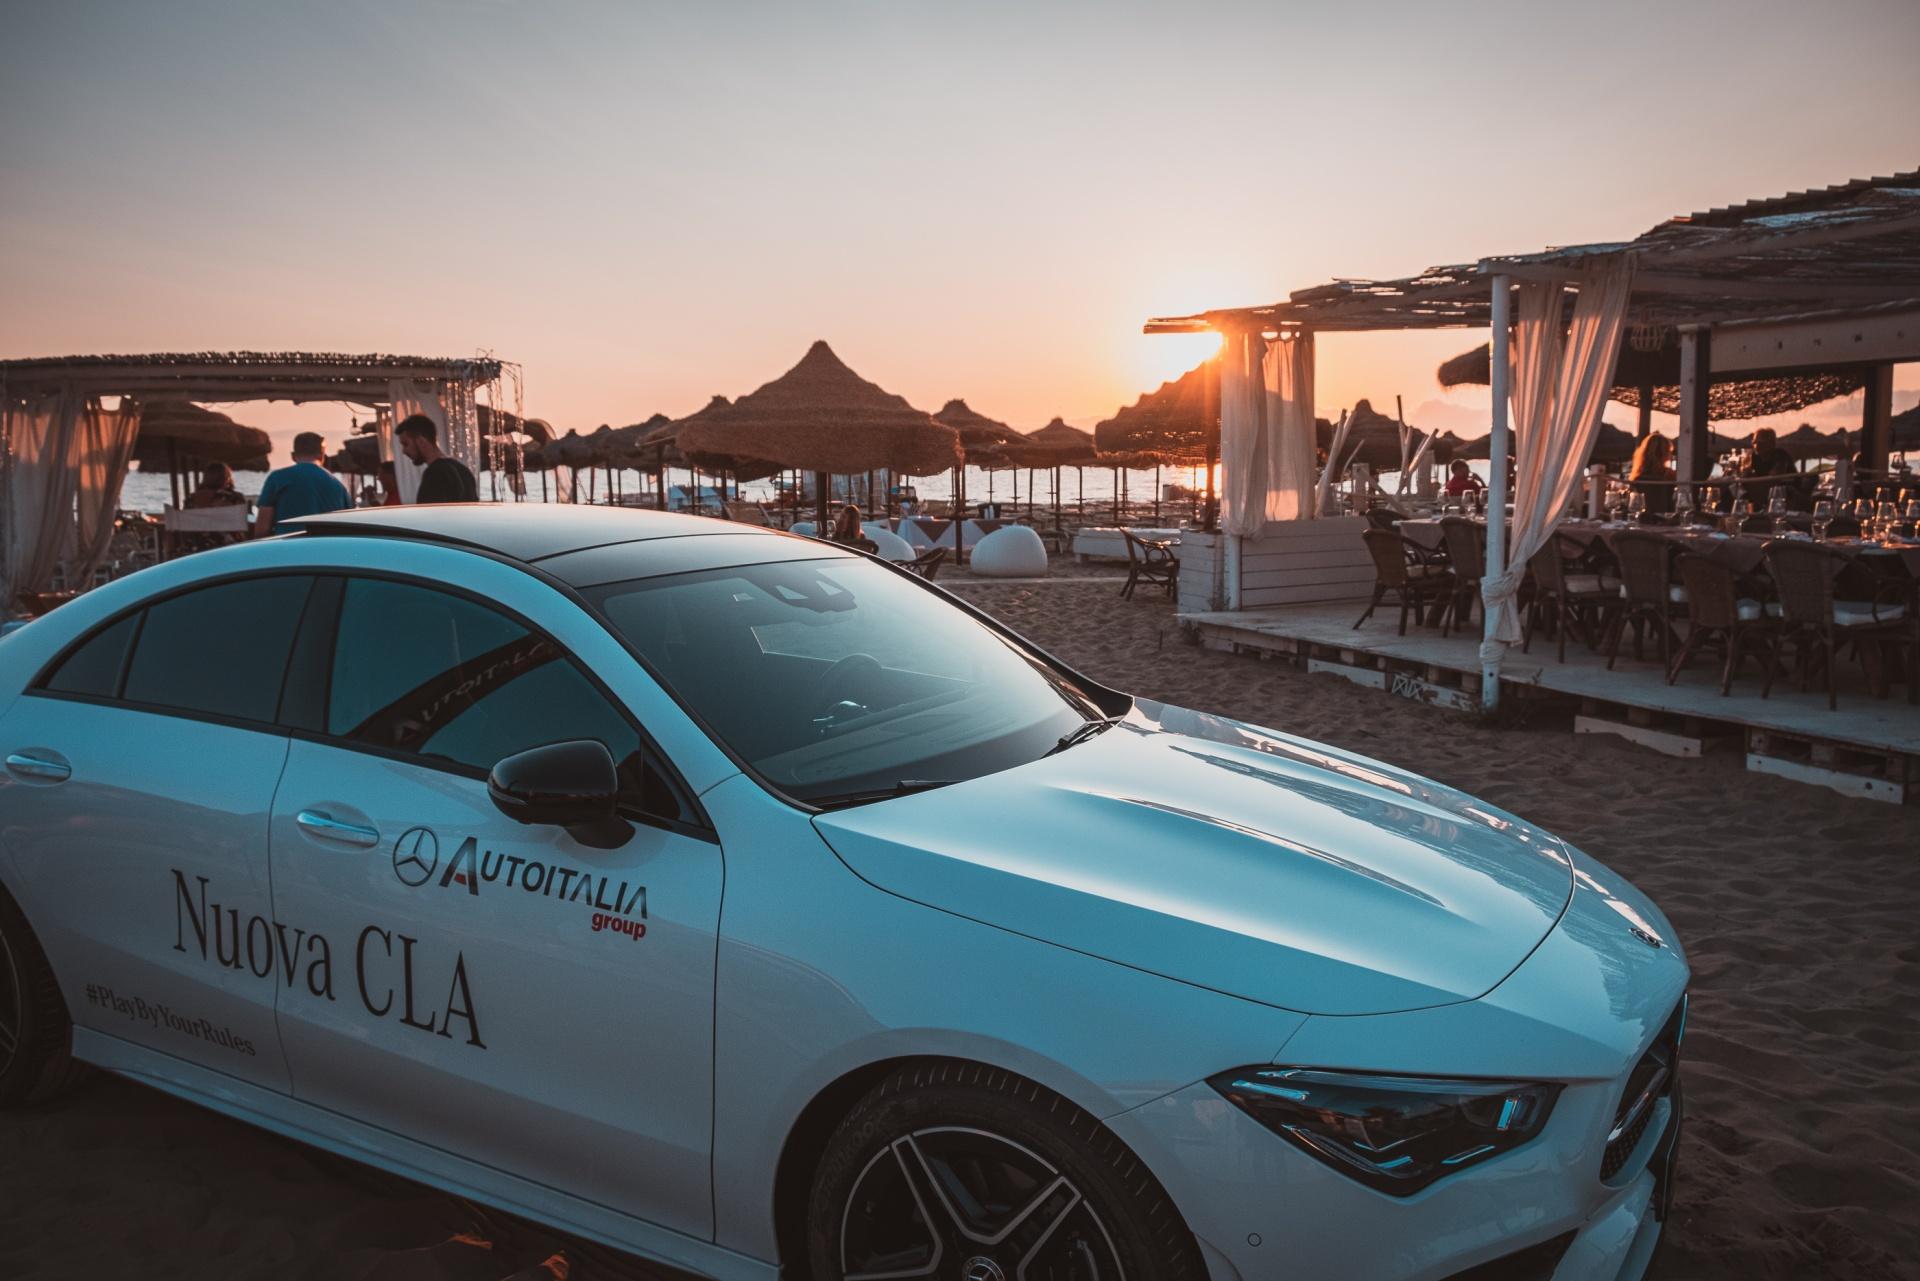 Mercedes-Benz CLA --> Summer event for La Siesta Beach, Evento in collaborazione con La Siesta Beach per la presentazione della Nuova Mercedes-Benz CLA